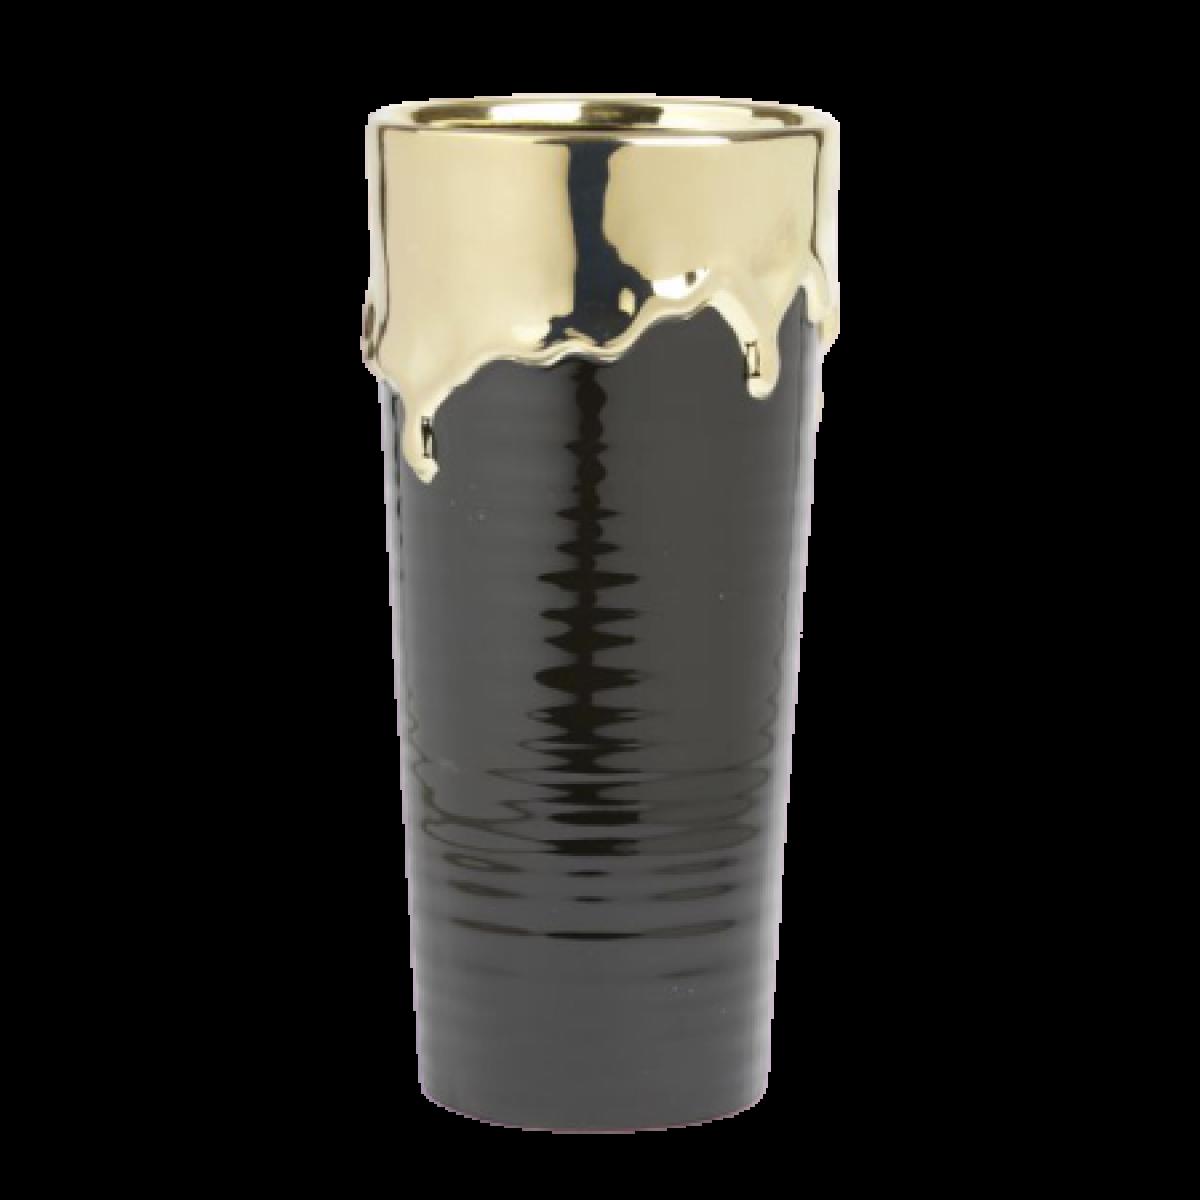 Abajo Black & Gold 14x30cm Ceramic Vase - 1 No